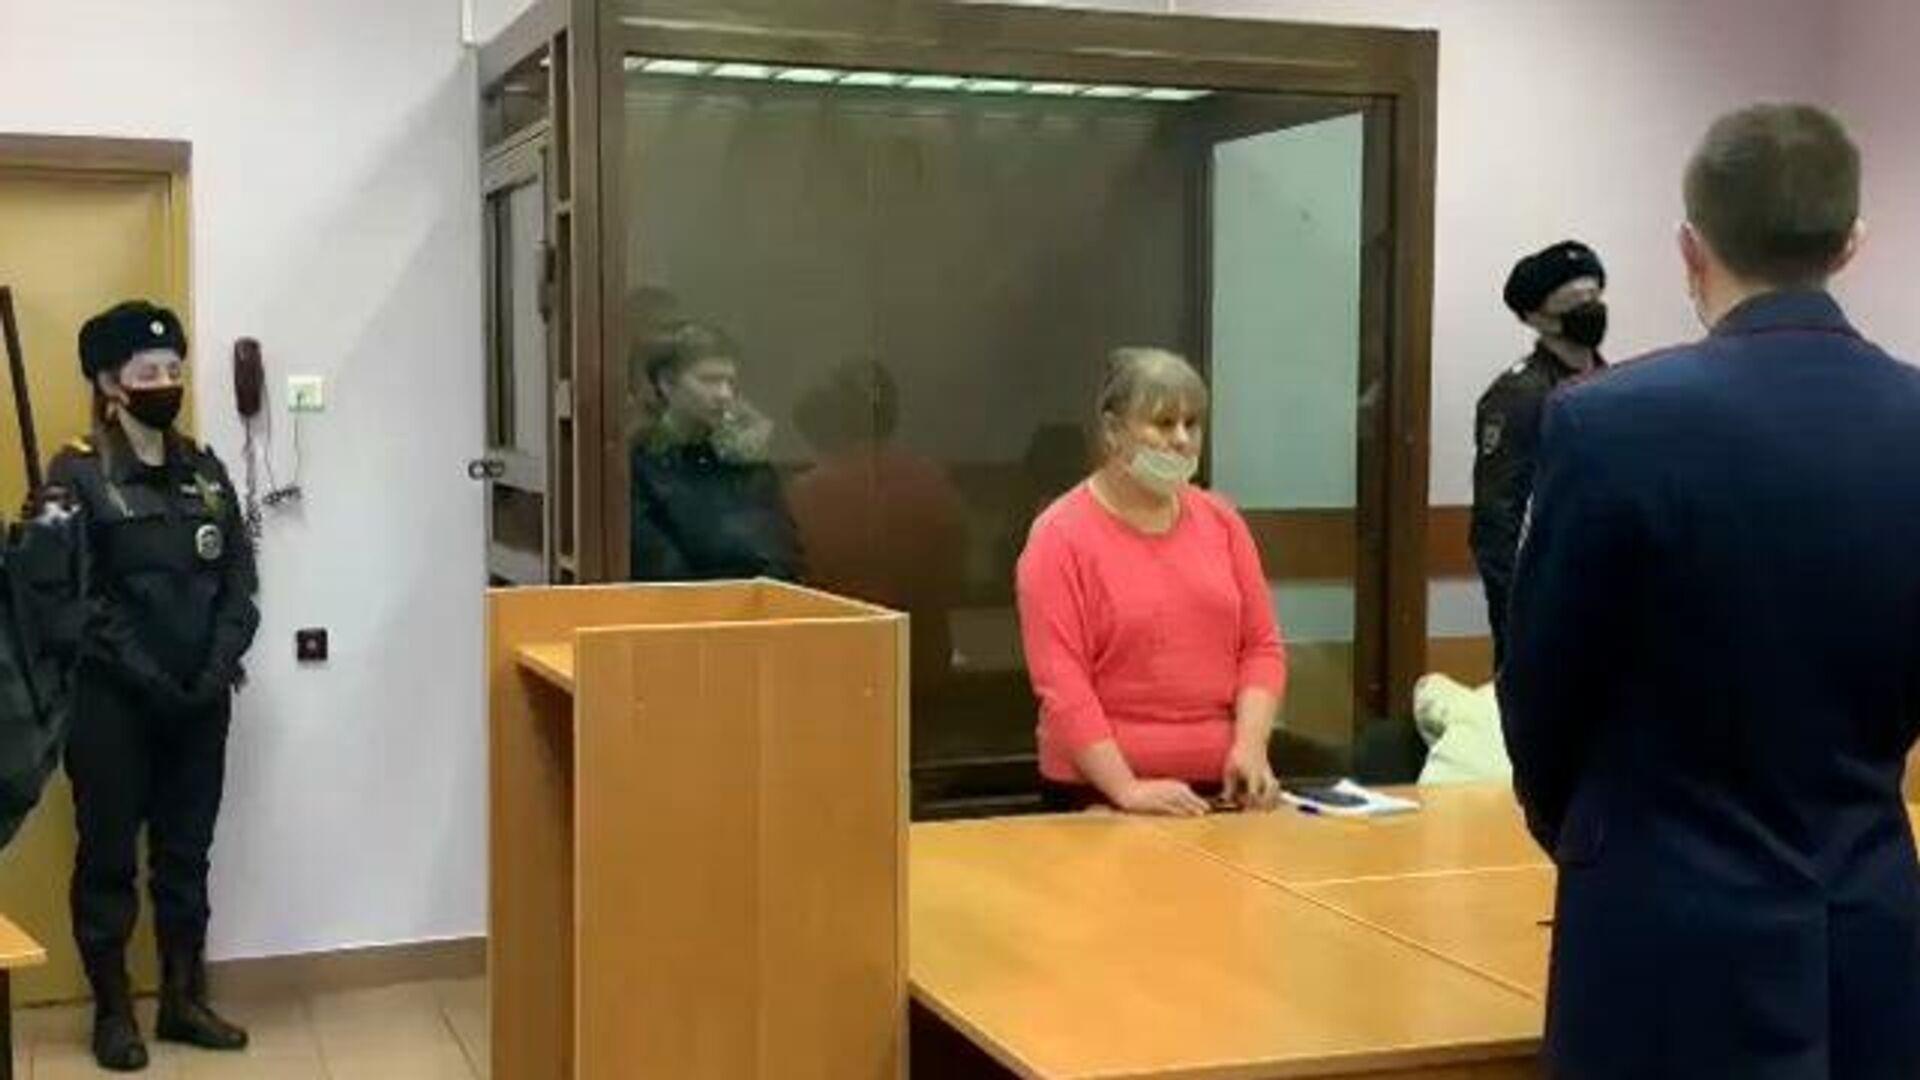 Мать задушенных в московской квартире детей арестовали. Кадры из зала суда - РИА Новости, 1920, 19.11.2020